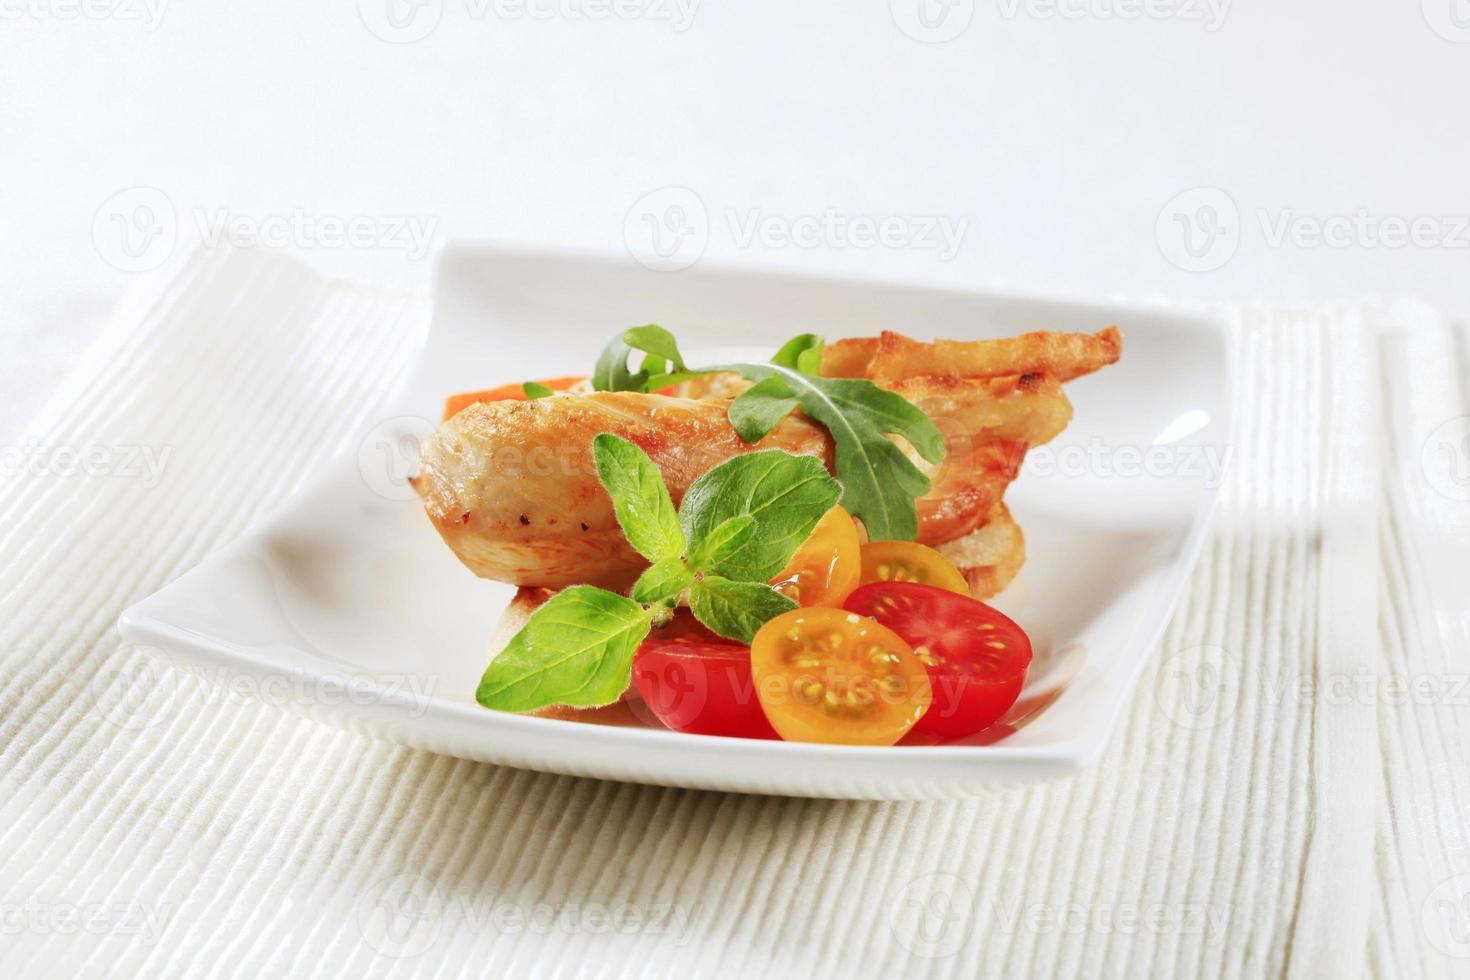 kippenvlees en krokant brood foto